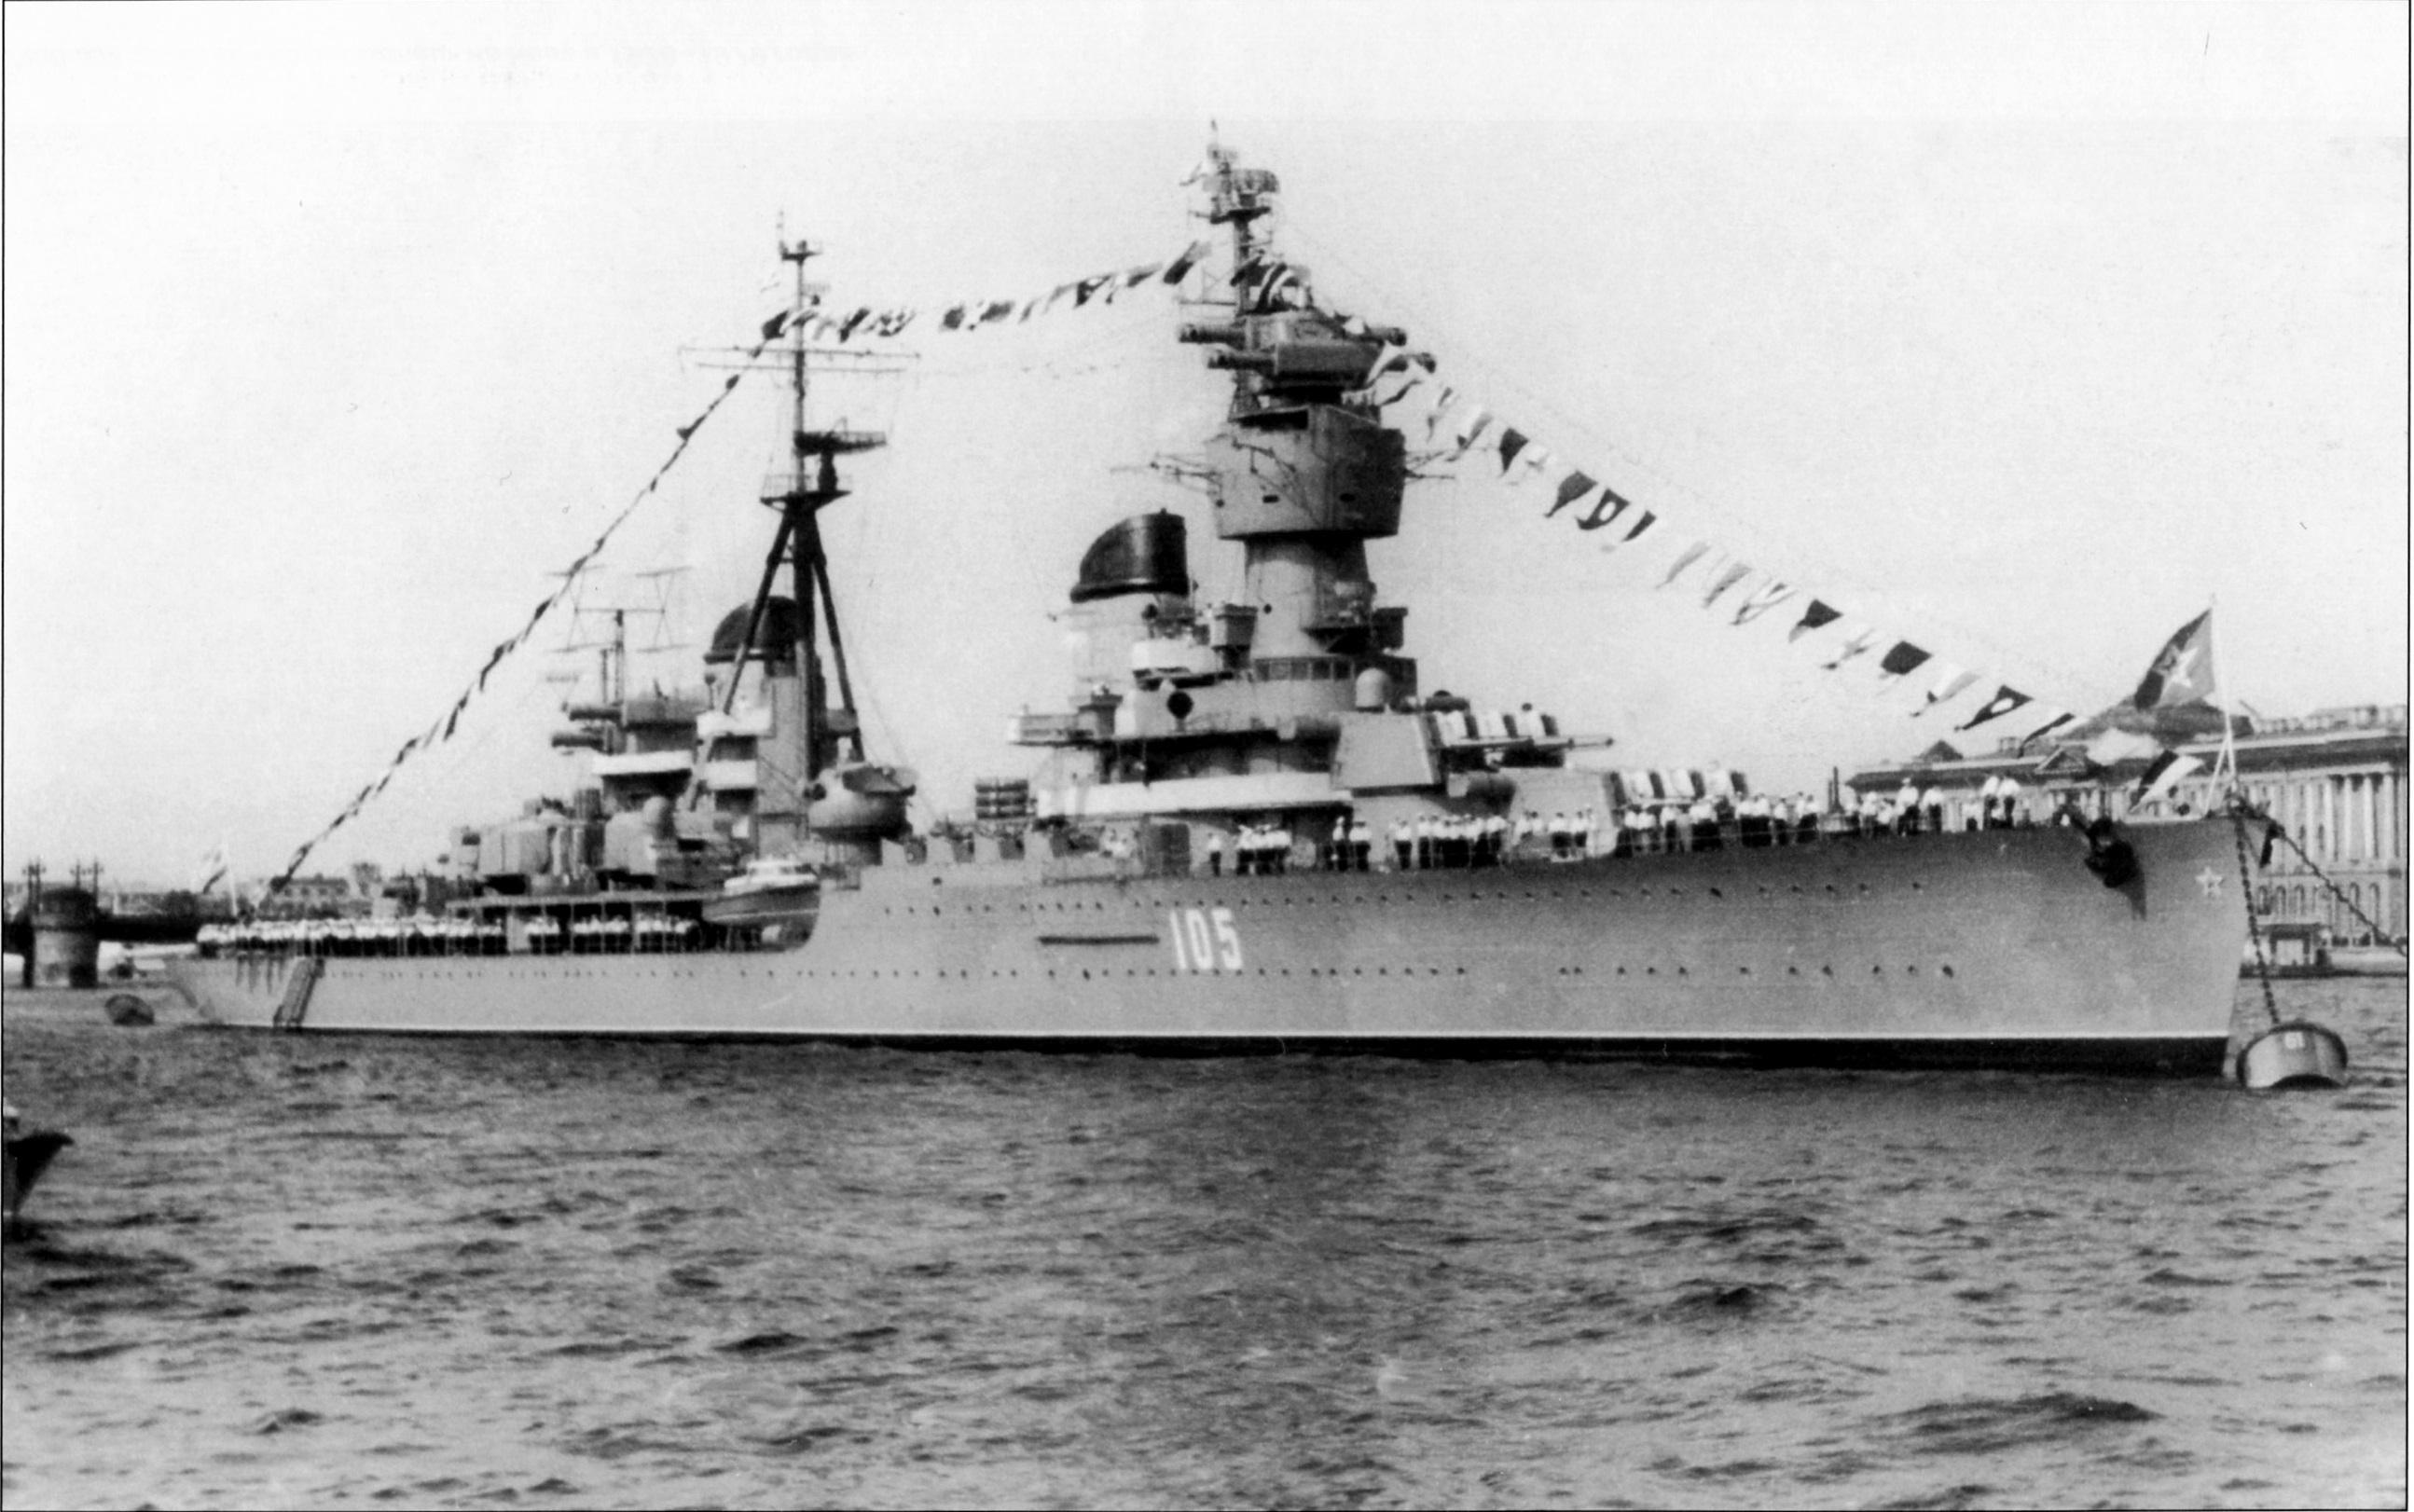 Картинка крейсер сверху в порту